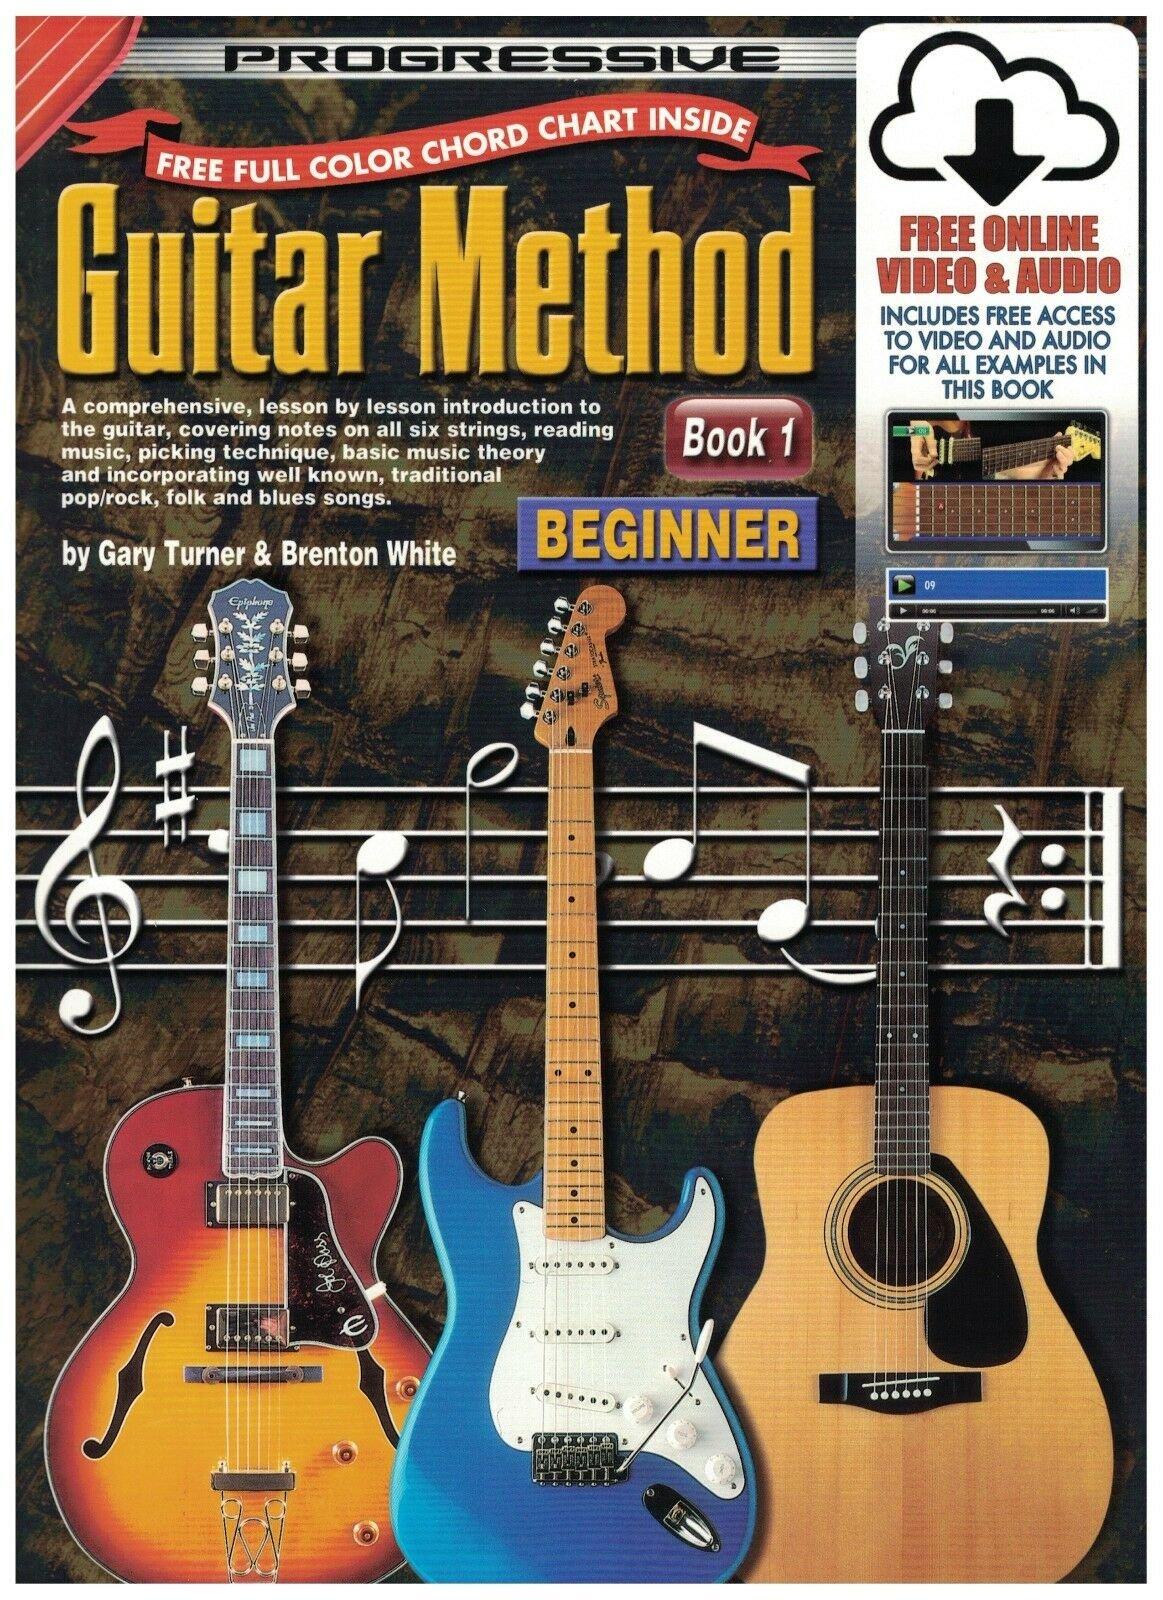 Progressive Guitar Method Book 1 Beginner w/Free Online Video & Audio